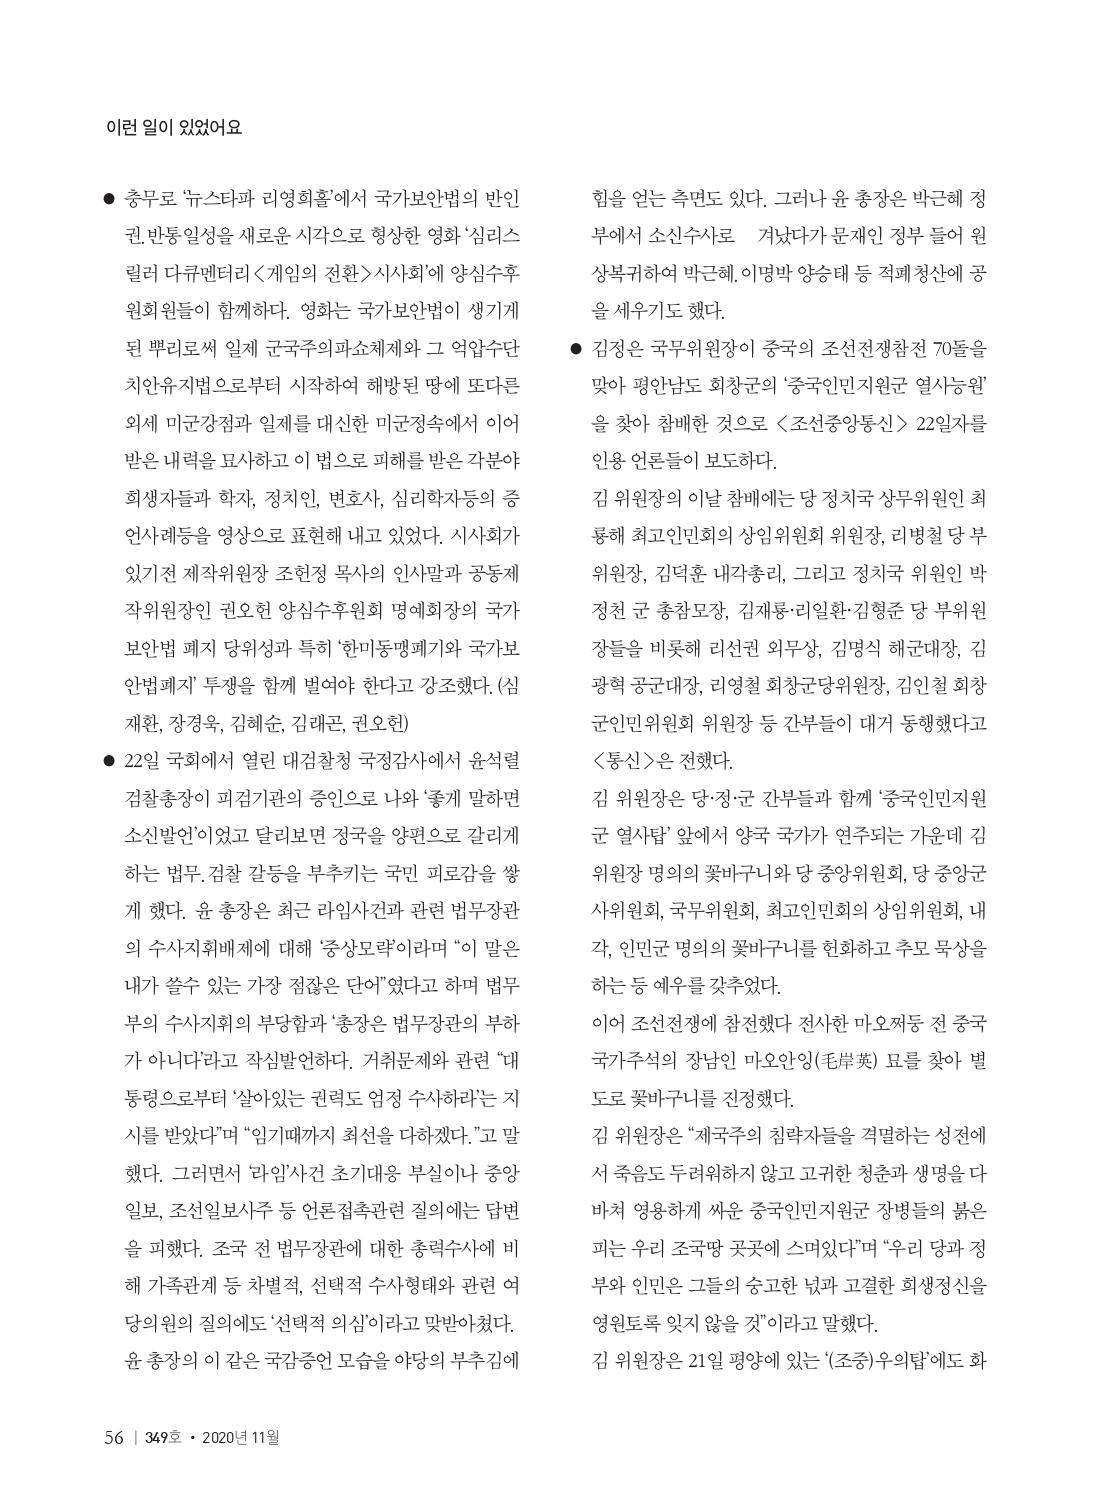 [양심수후원회] 소식지 349호 웹용_page-0058.jpg